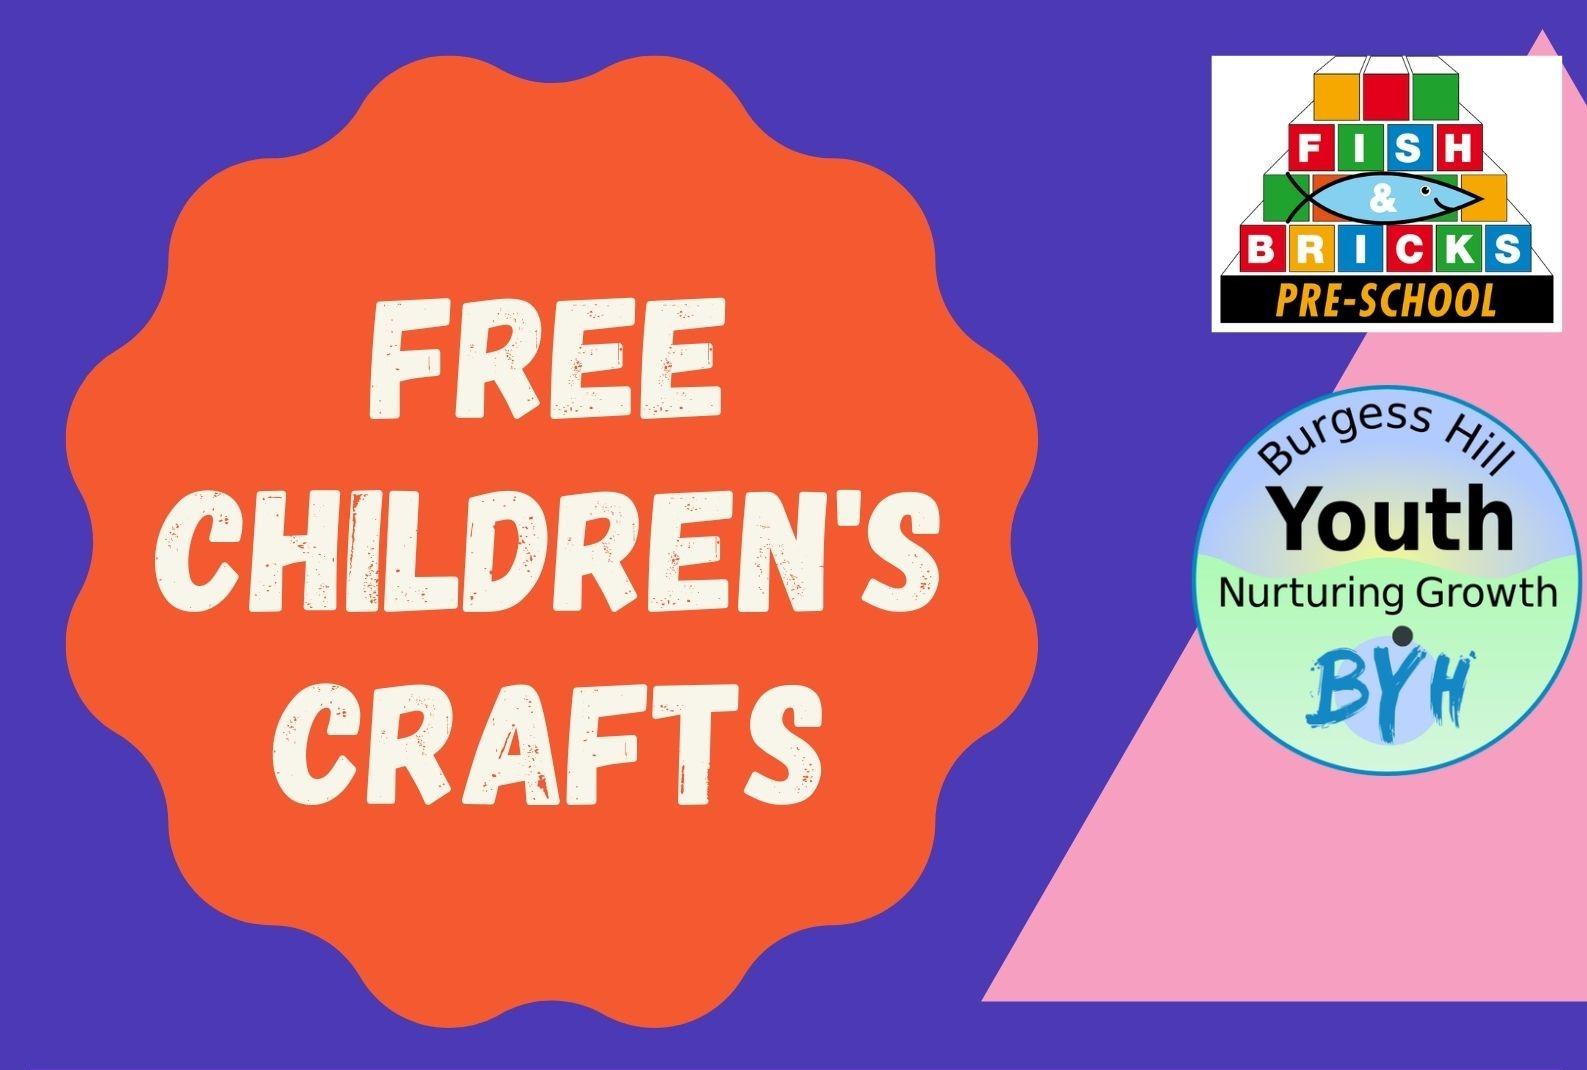 Free Children's Crafts